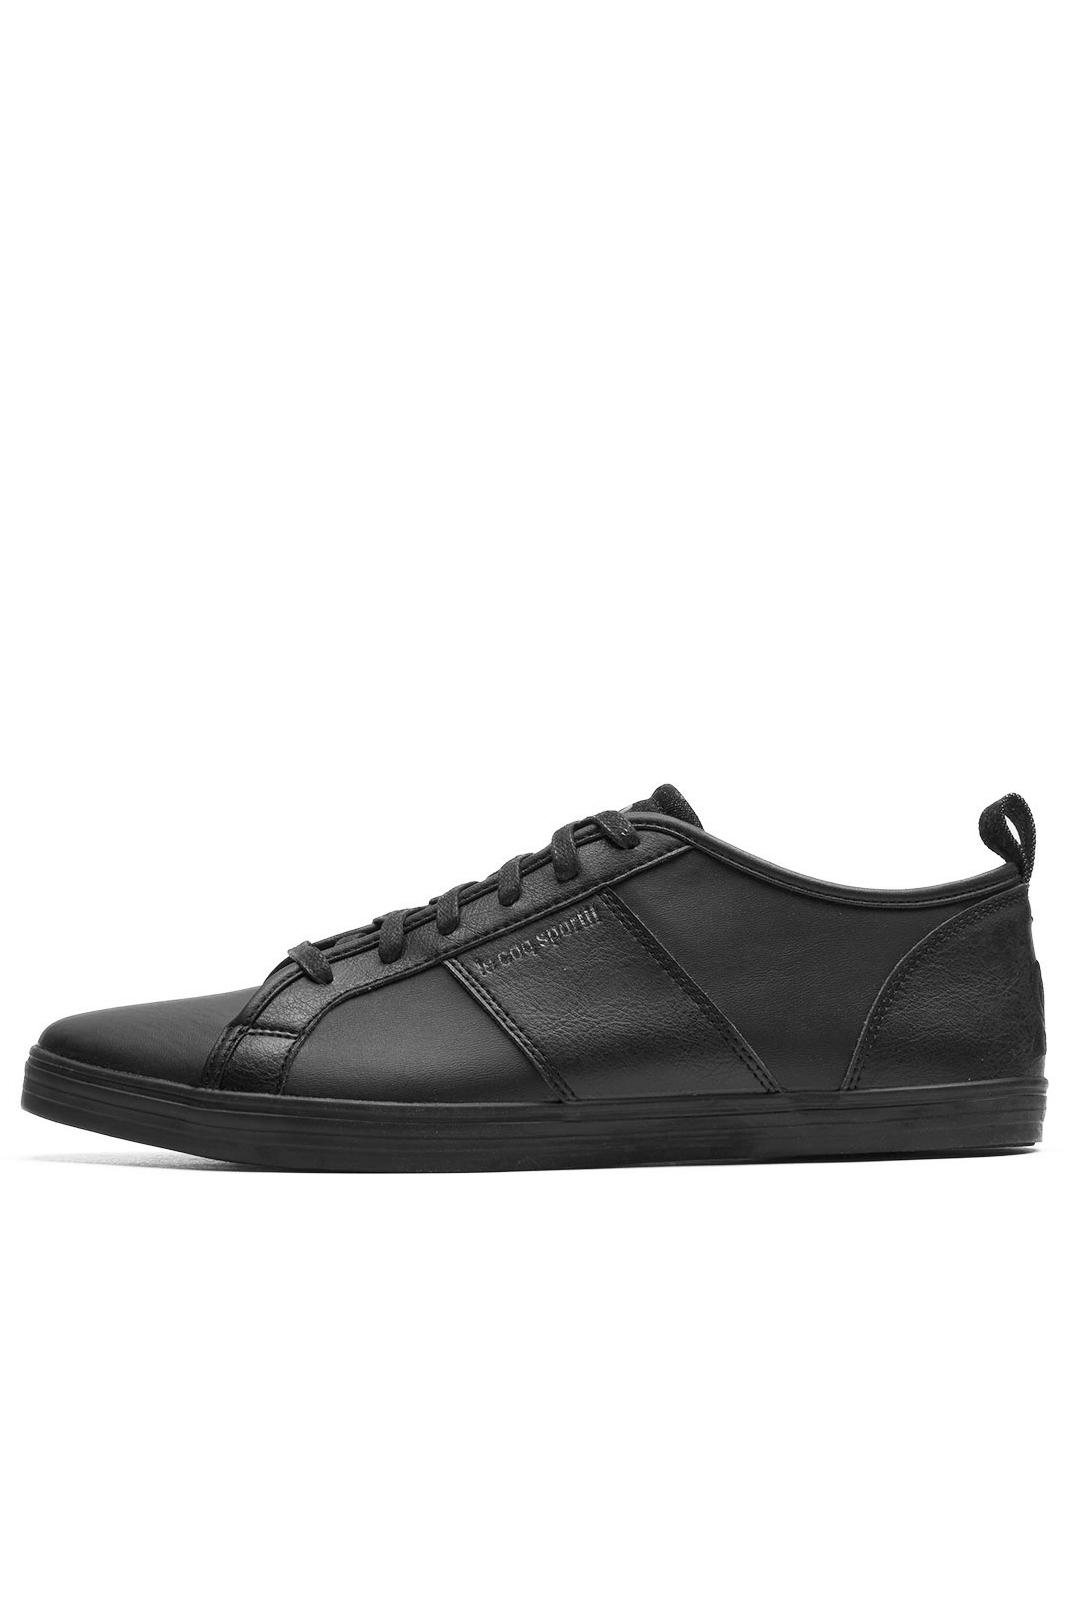 Baskets / Sport  Le coq sportif 1820084 CARCANS BLACK